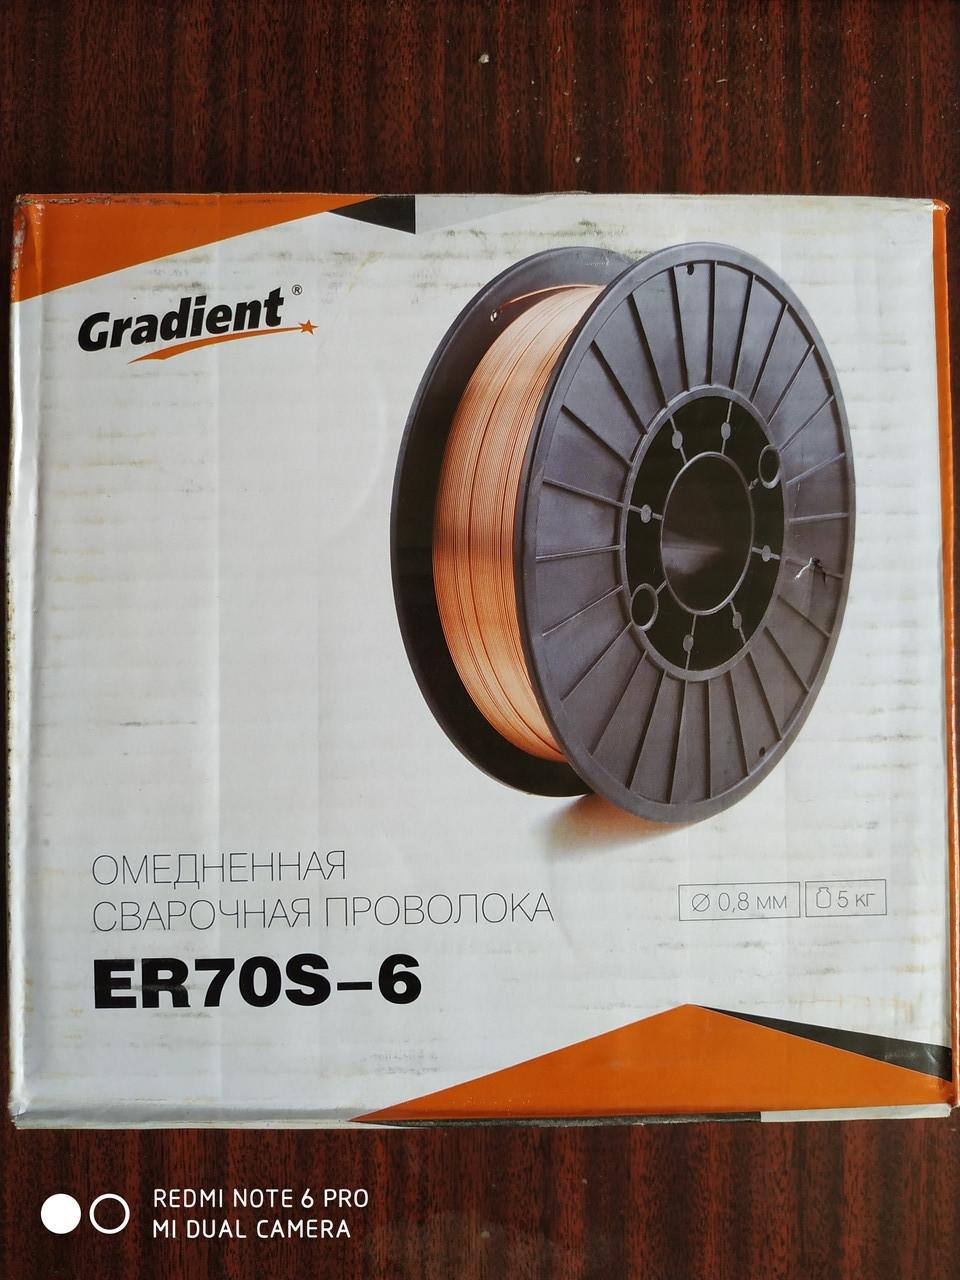 СВАРОЧНАЯ ПРОВОЛОКА ОМЕДНЕННАЯ Gradiet - ER 70S-6; 0.8 х 5кг